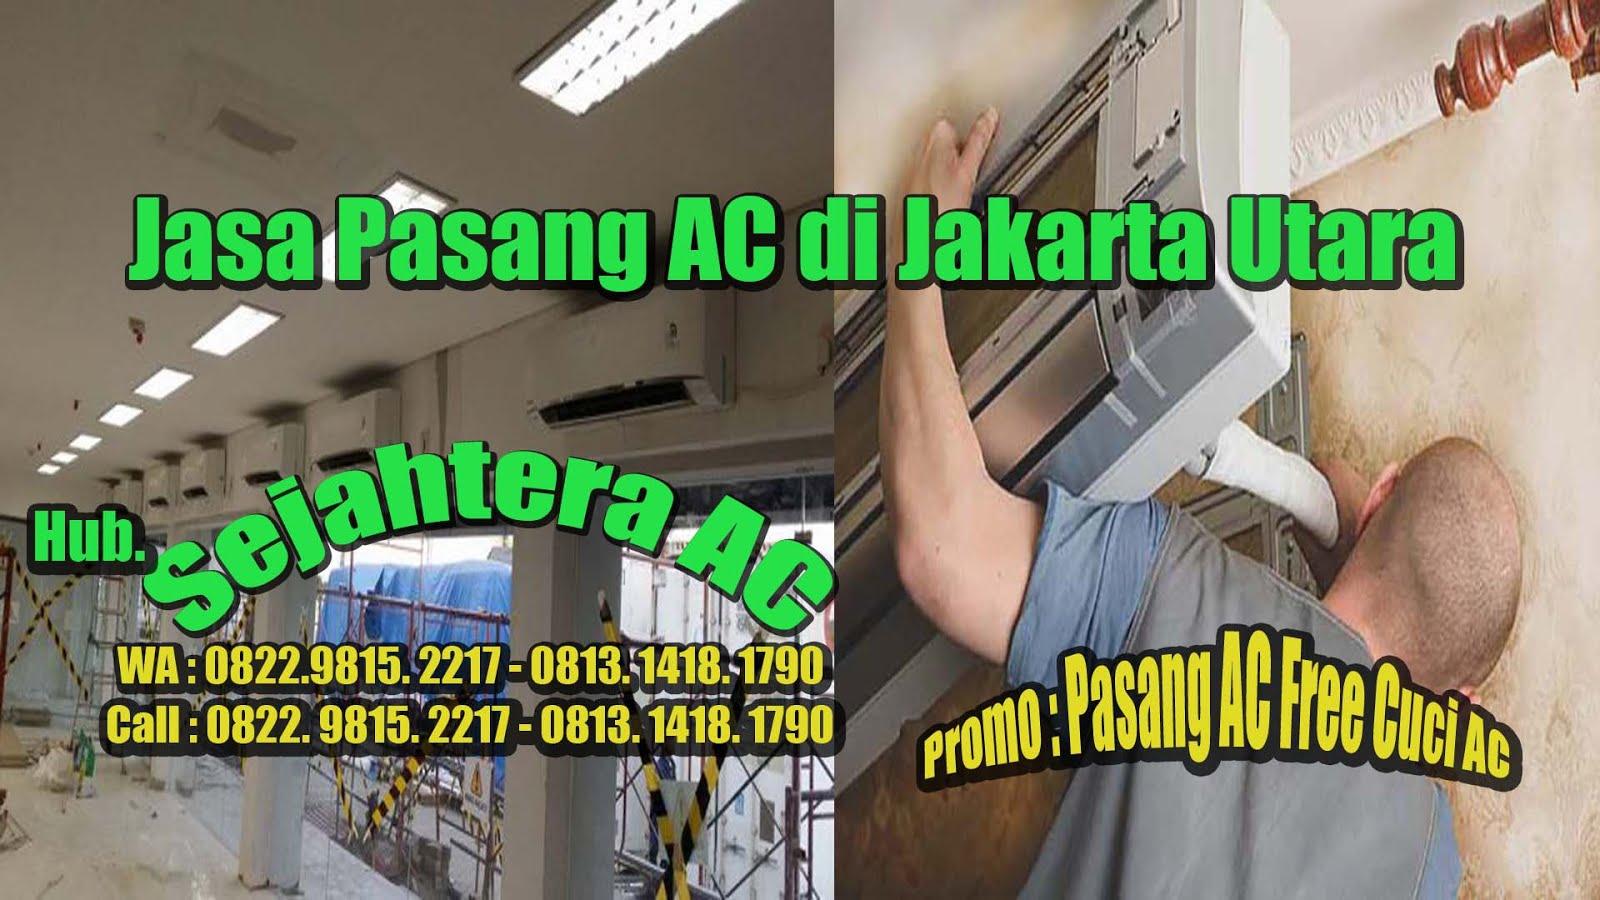 Jasa Pasang AC Di Jakarta Utara